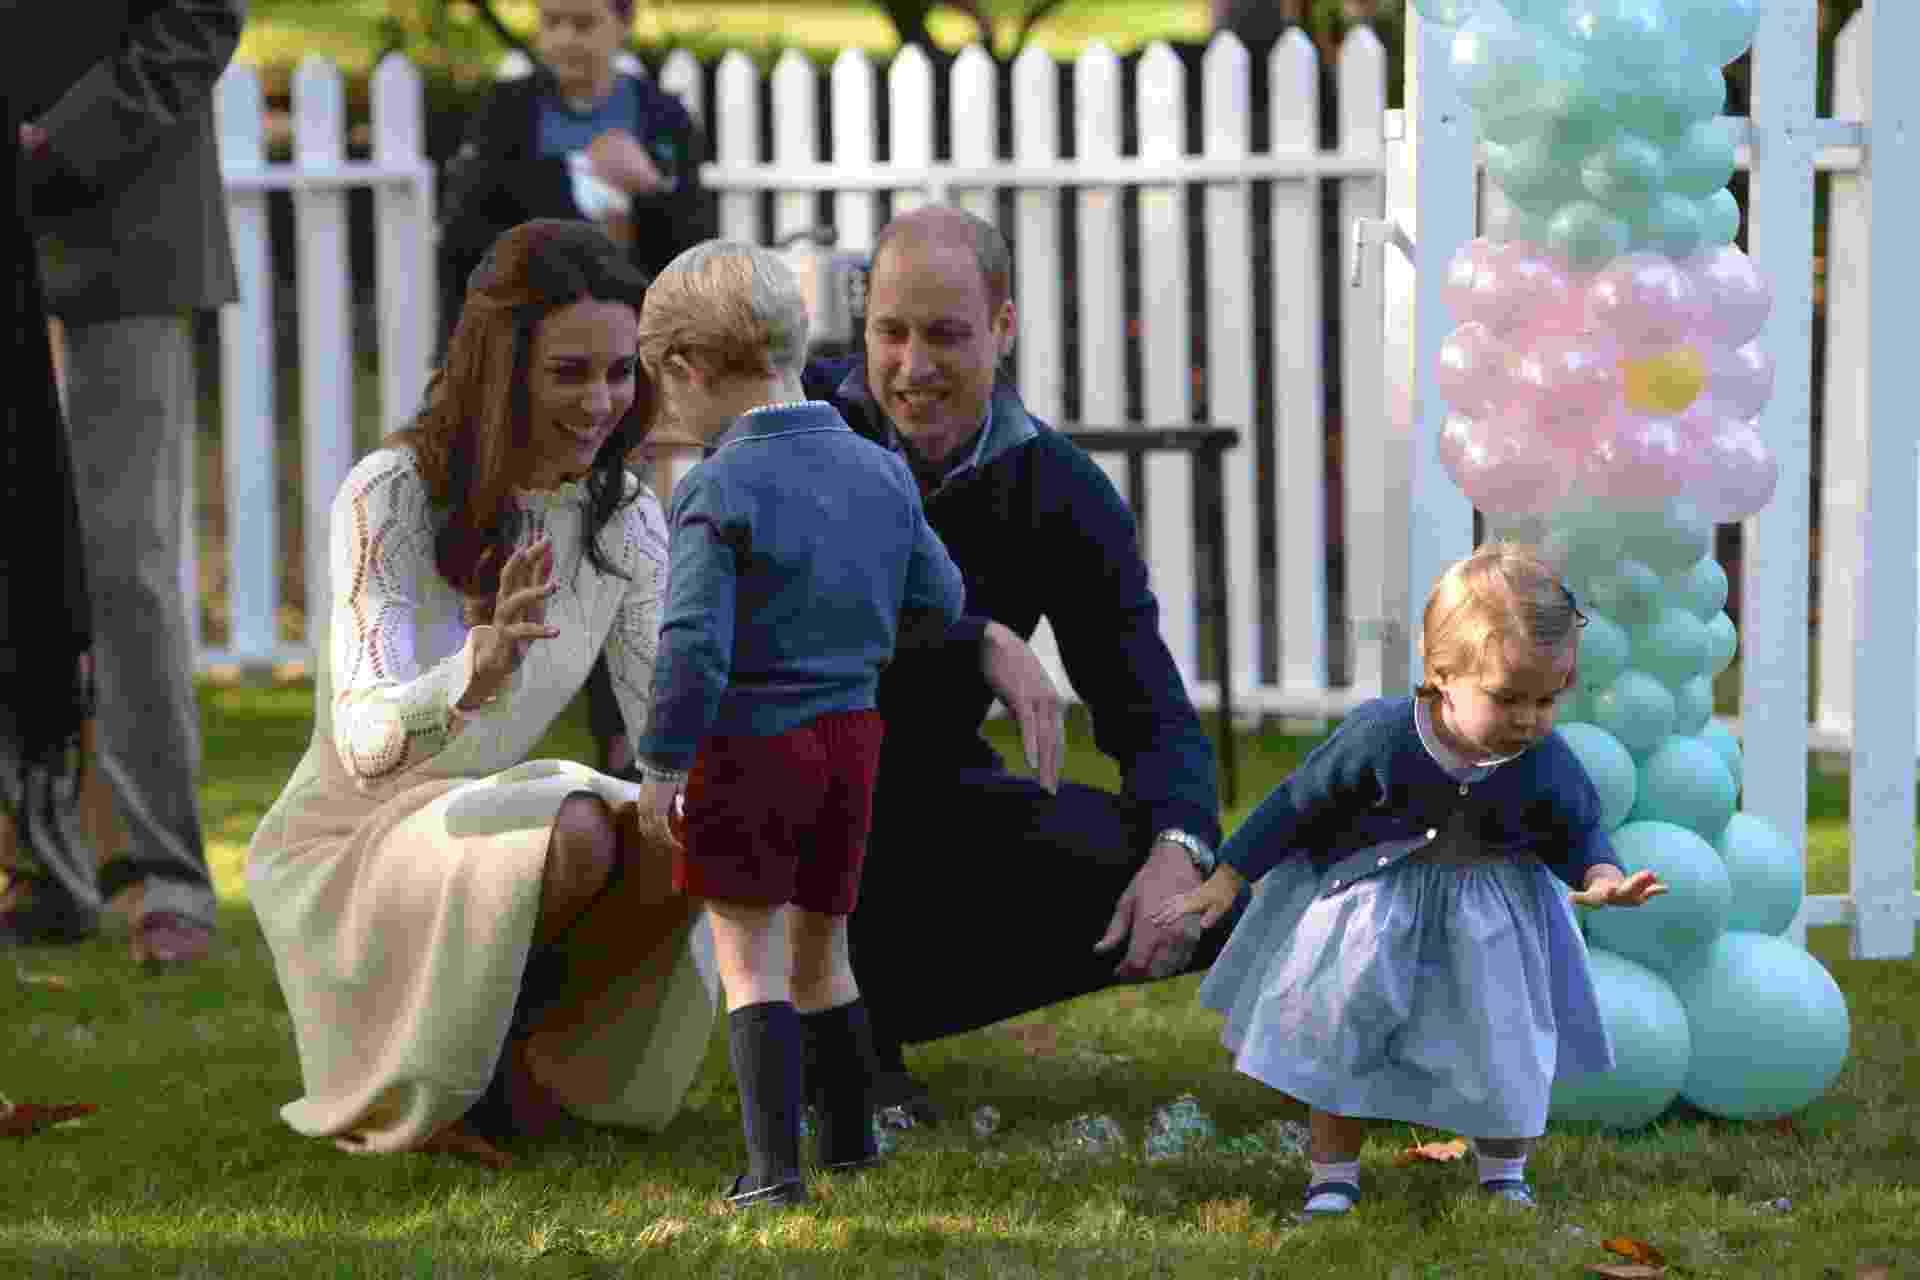 29.set.2016 - Príncipe William e Kate Middletton brincam com os filhos George e Charlotte durante visita da Família Real britânica a Victoria, no Canadá - Chris Wattie/Reuters